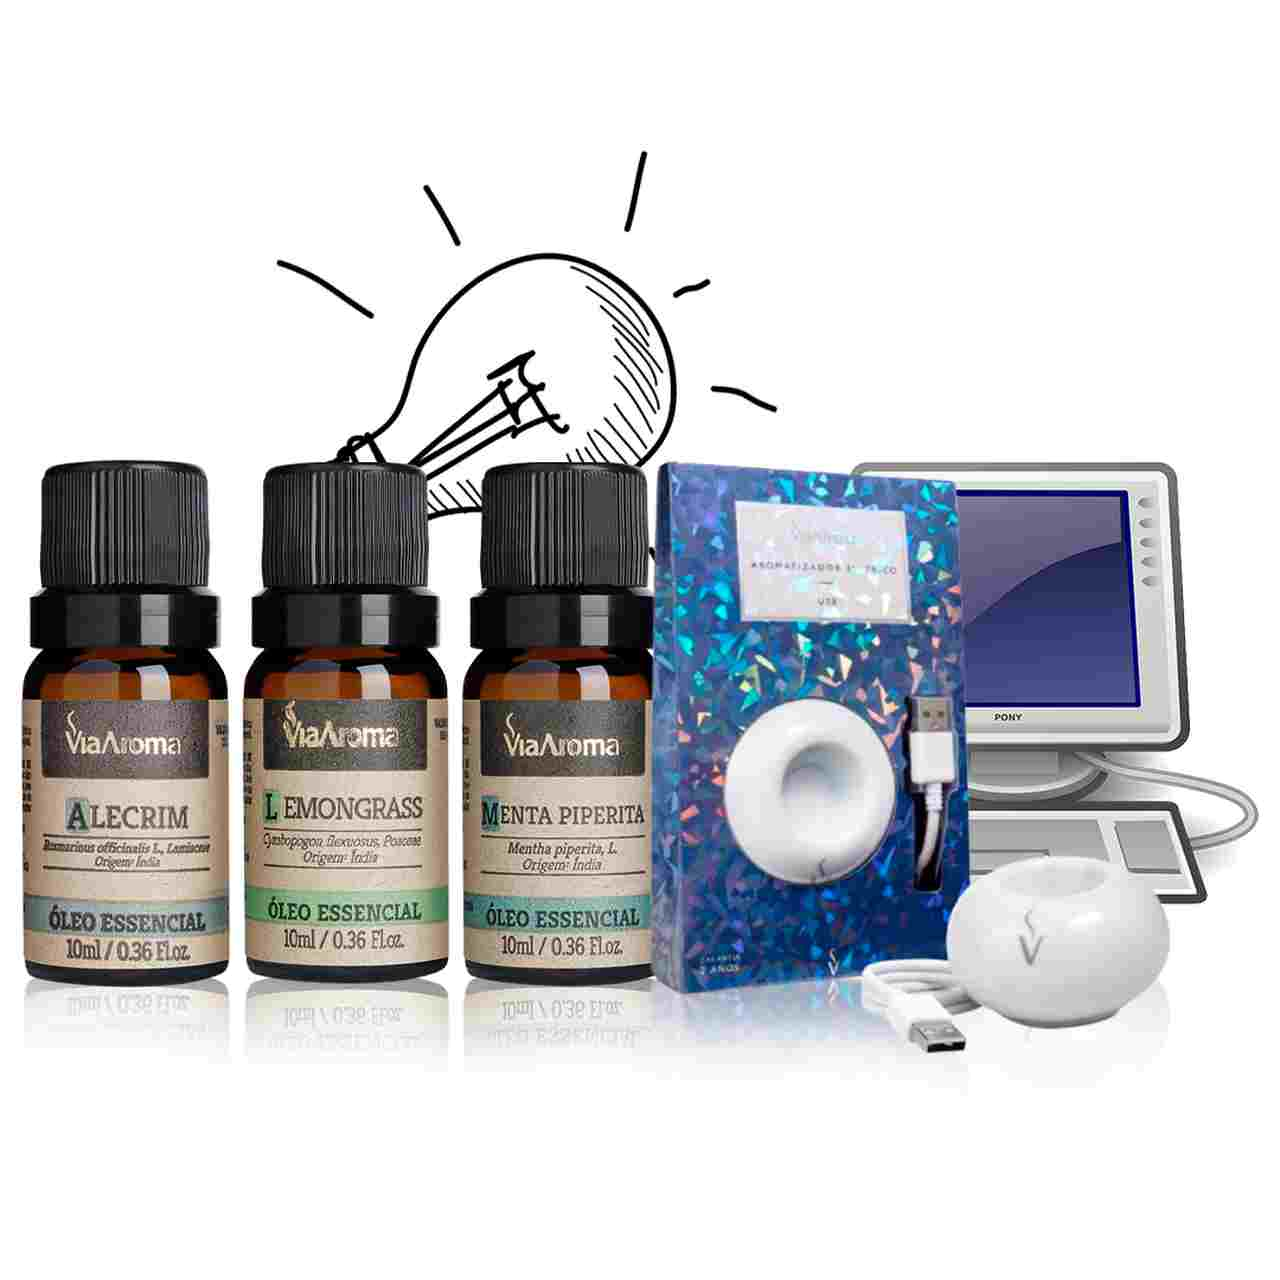 Kit Concentração Total - 3 Óleos Essenciais + Difusor USB para melhorar foco e produtividade